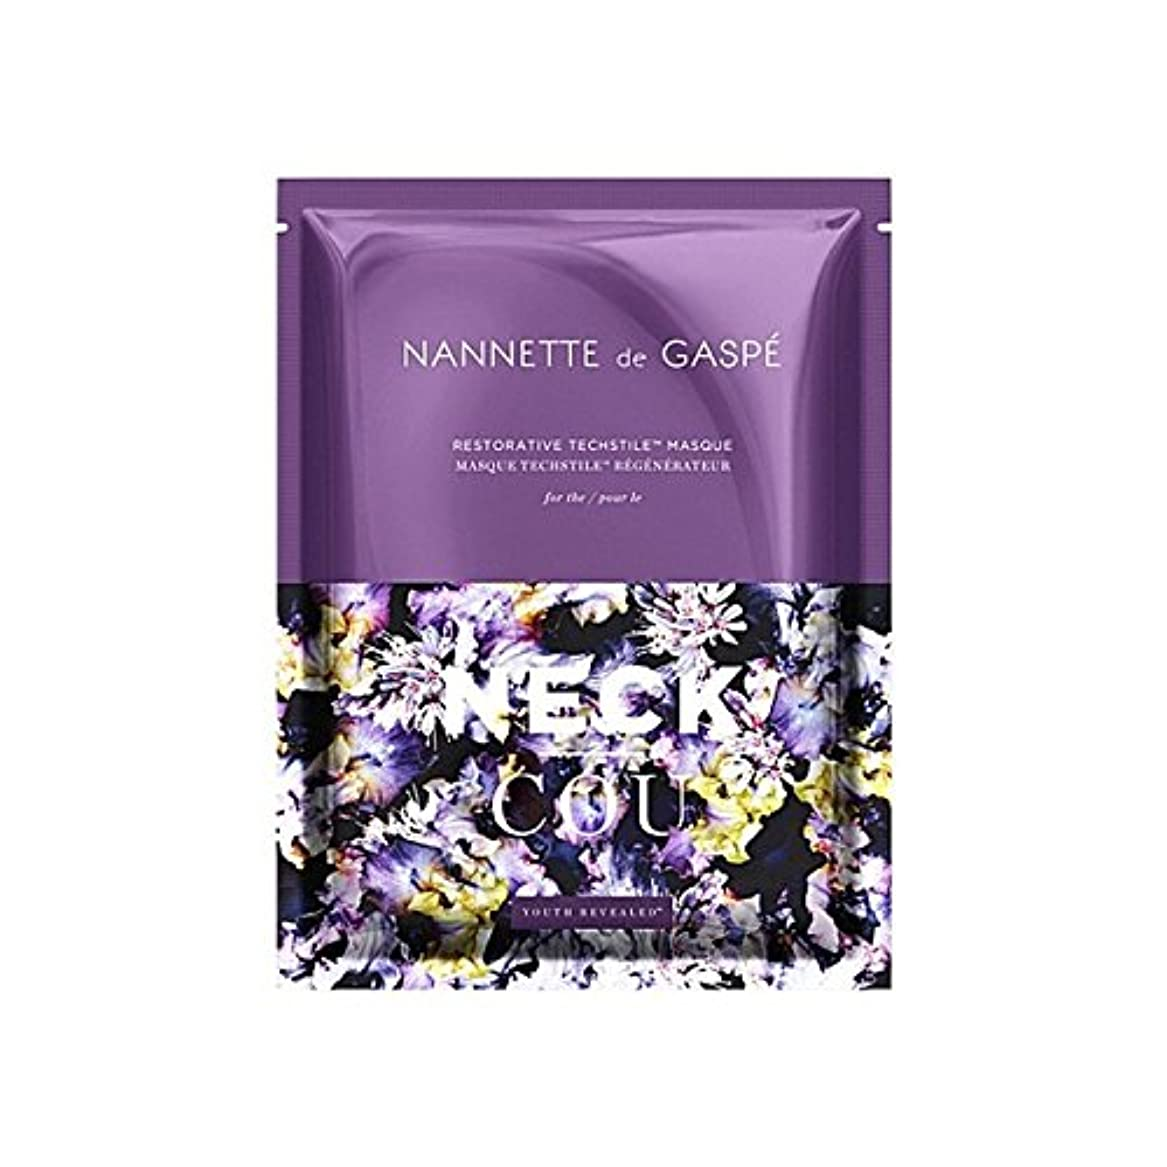 札入れ鹿ミネラルデガスペ修復首の仮面劇 x2 - Nannette De Gaspe Restorative Techstile Neck Masque (Pack of 2) [並行輸入品]